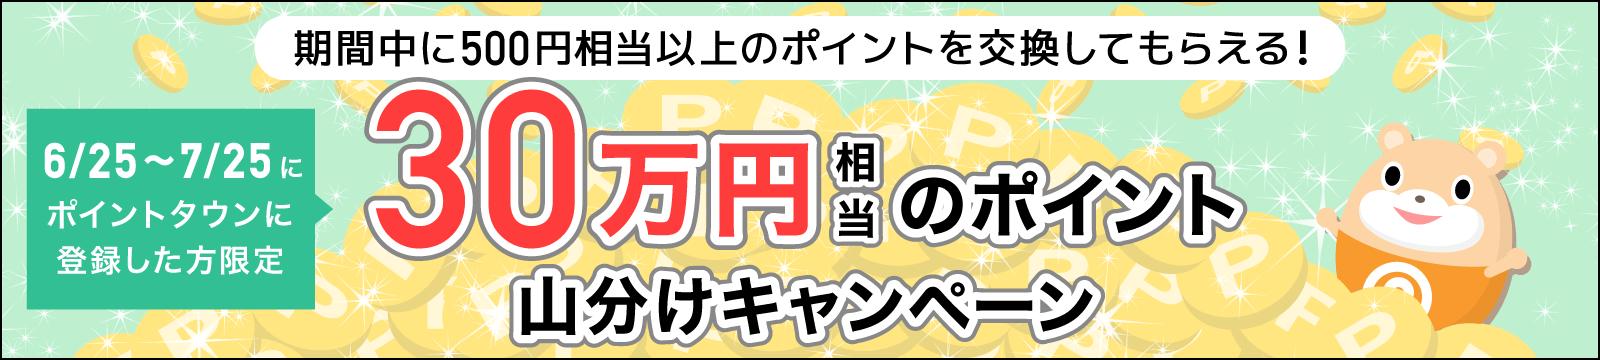 ポイントタウンの新規登録者限定30万円山分けキャンペーン